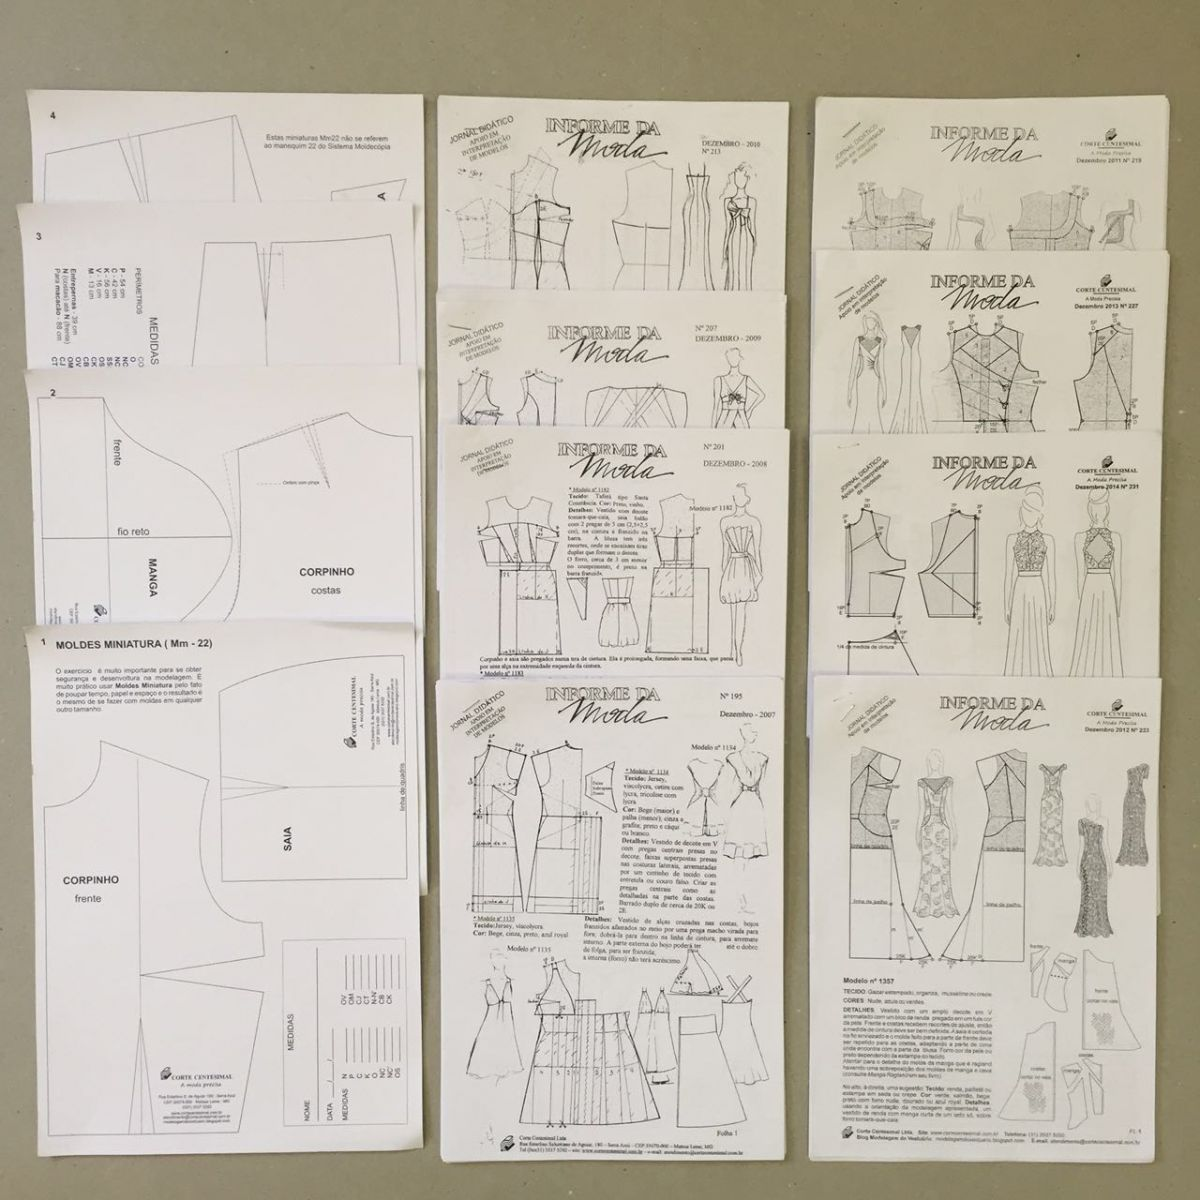 Informe da Moda (148 ao 189)  - Corte Centesimal